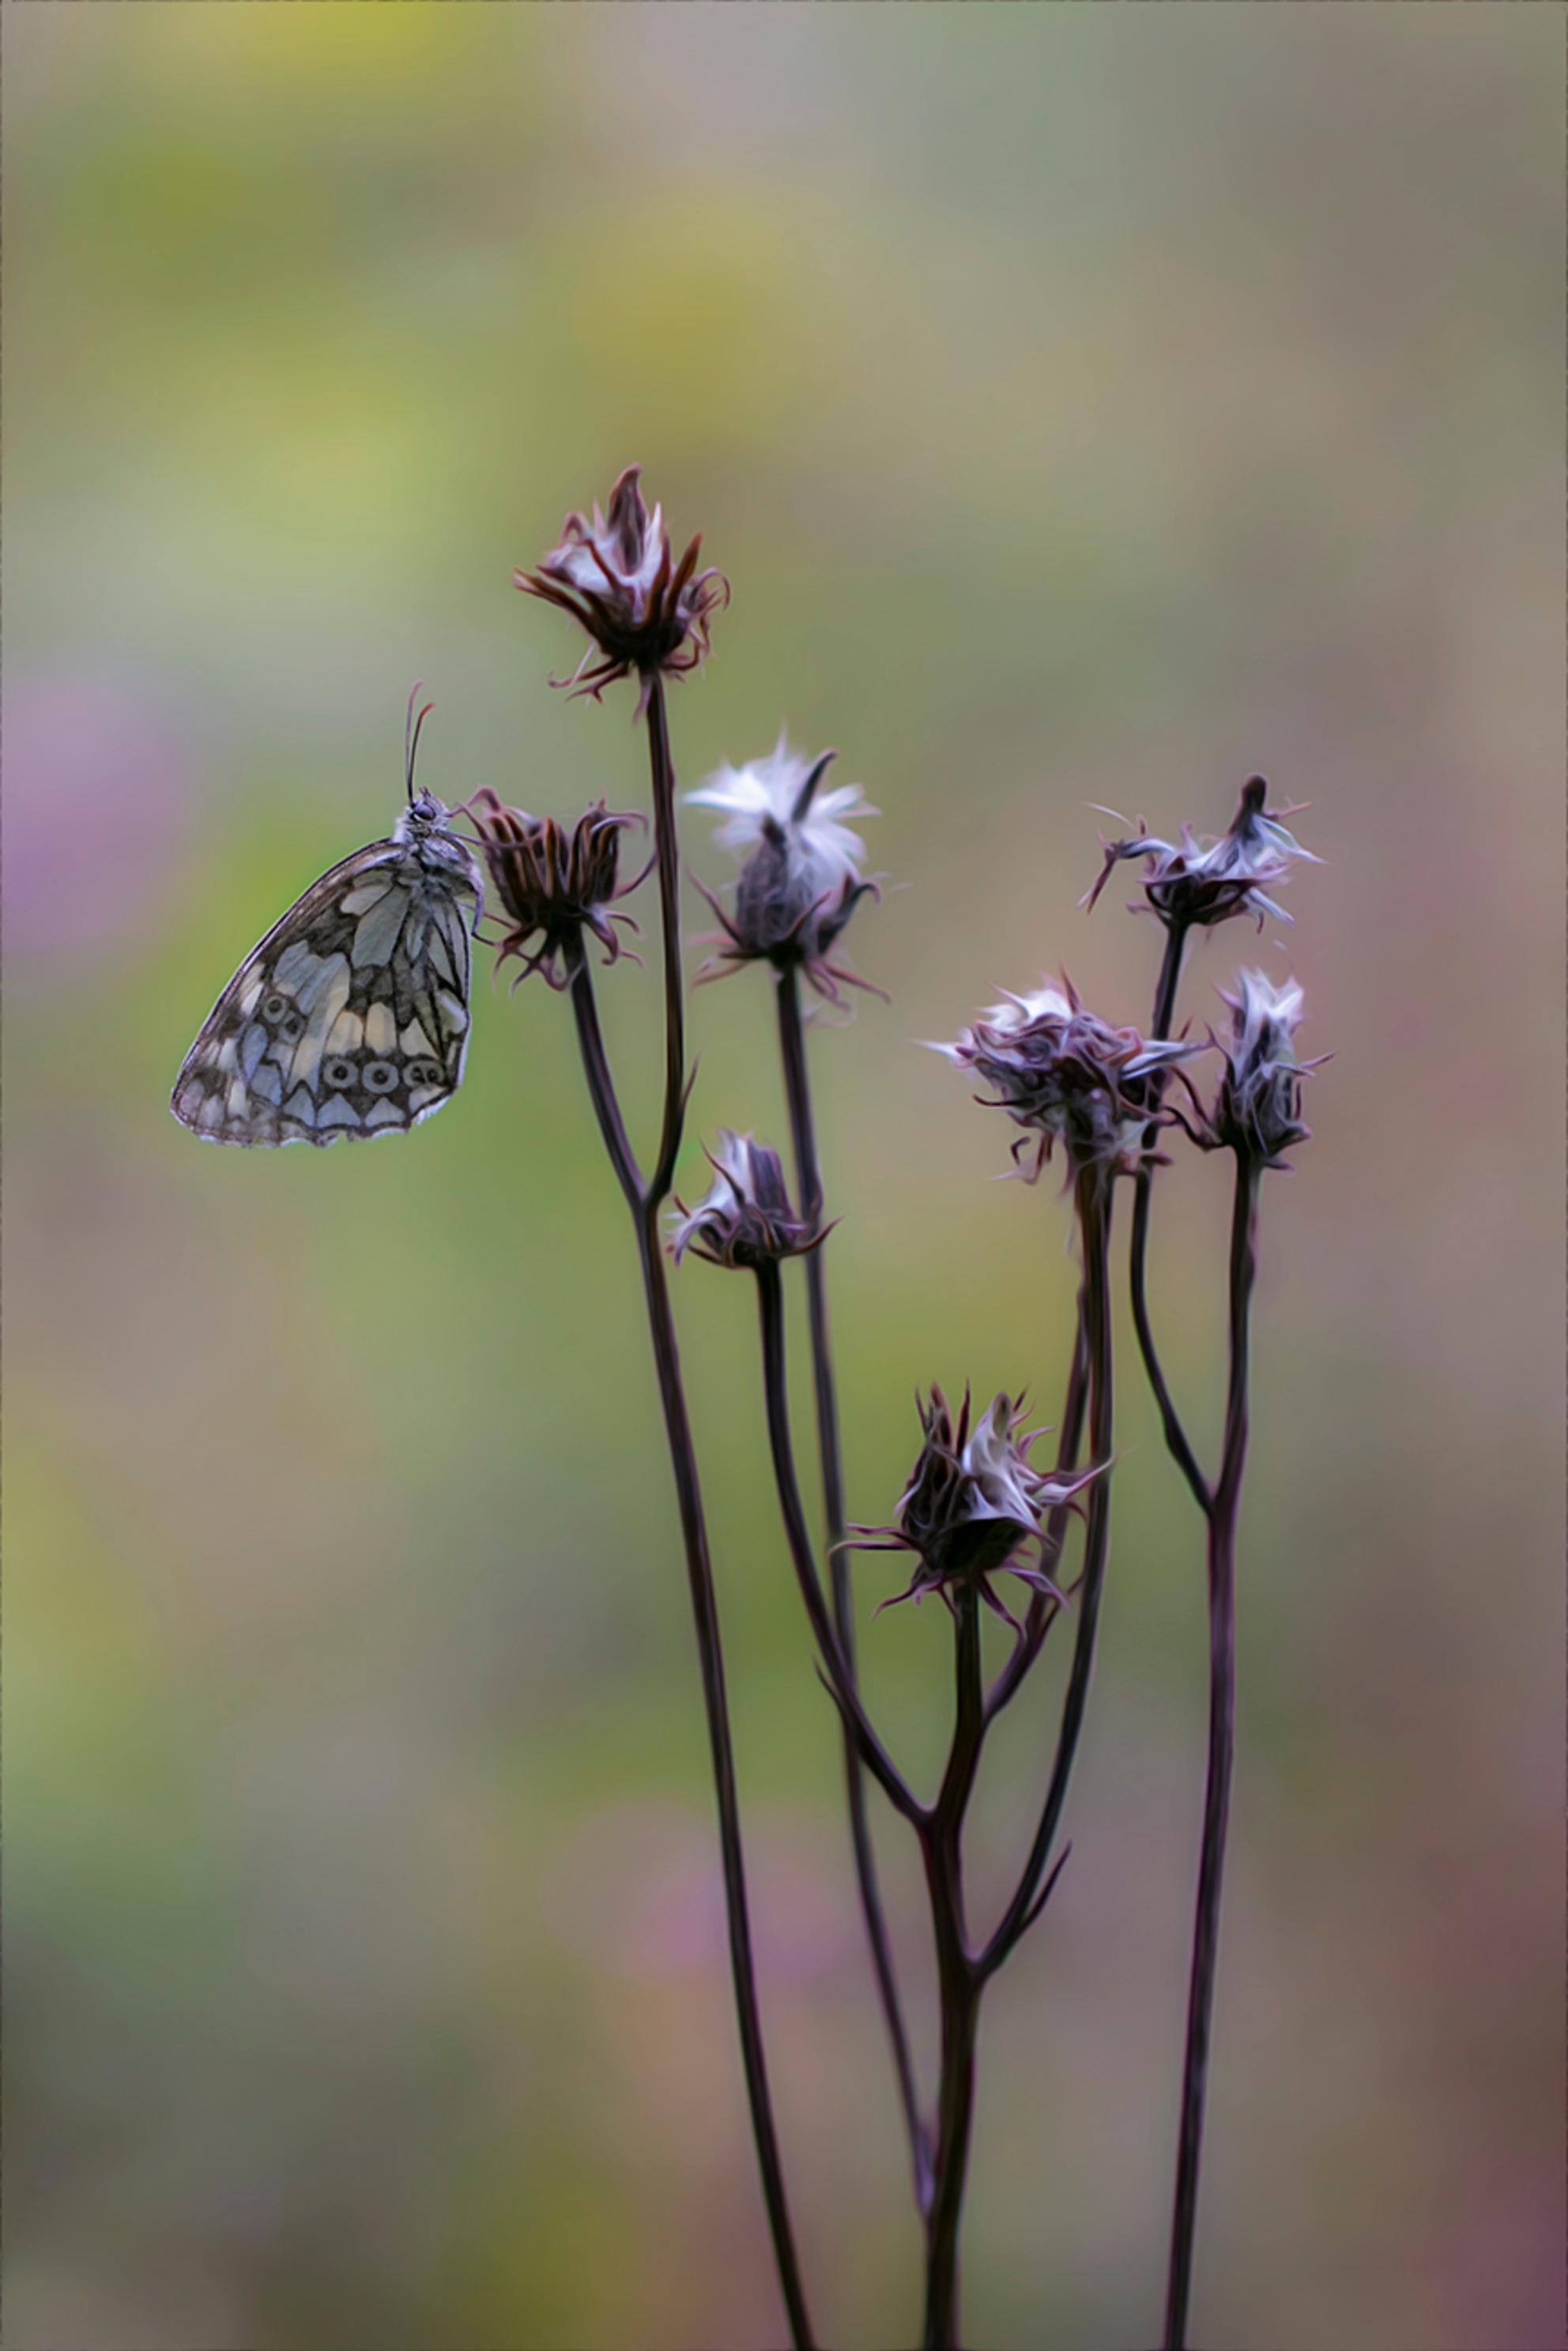 And i said to myself what a wonderful world - And i said to myself what a wonderful world. - foto door daan de vos op 22-07-2019 - deze foto bevat: groen, vlinder, geel, insect, dof, dambordje, bokeh